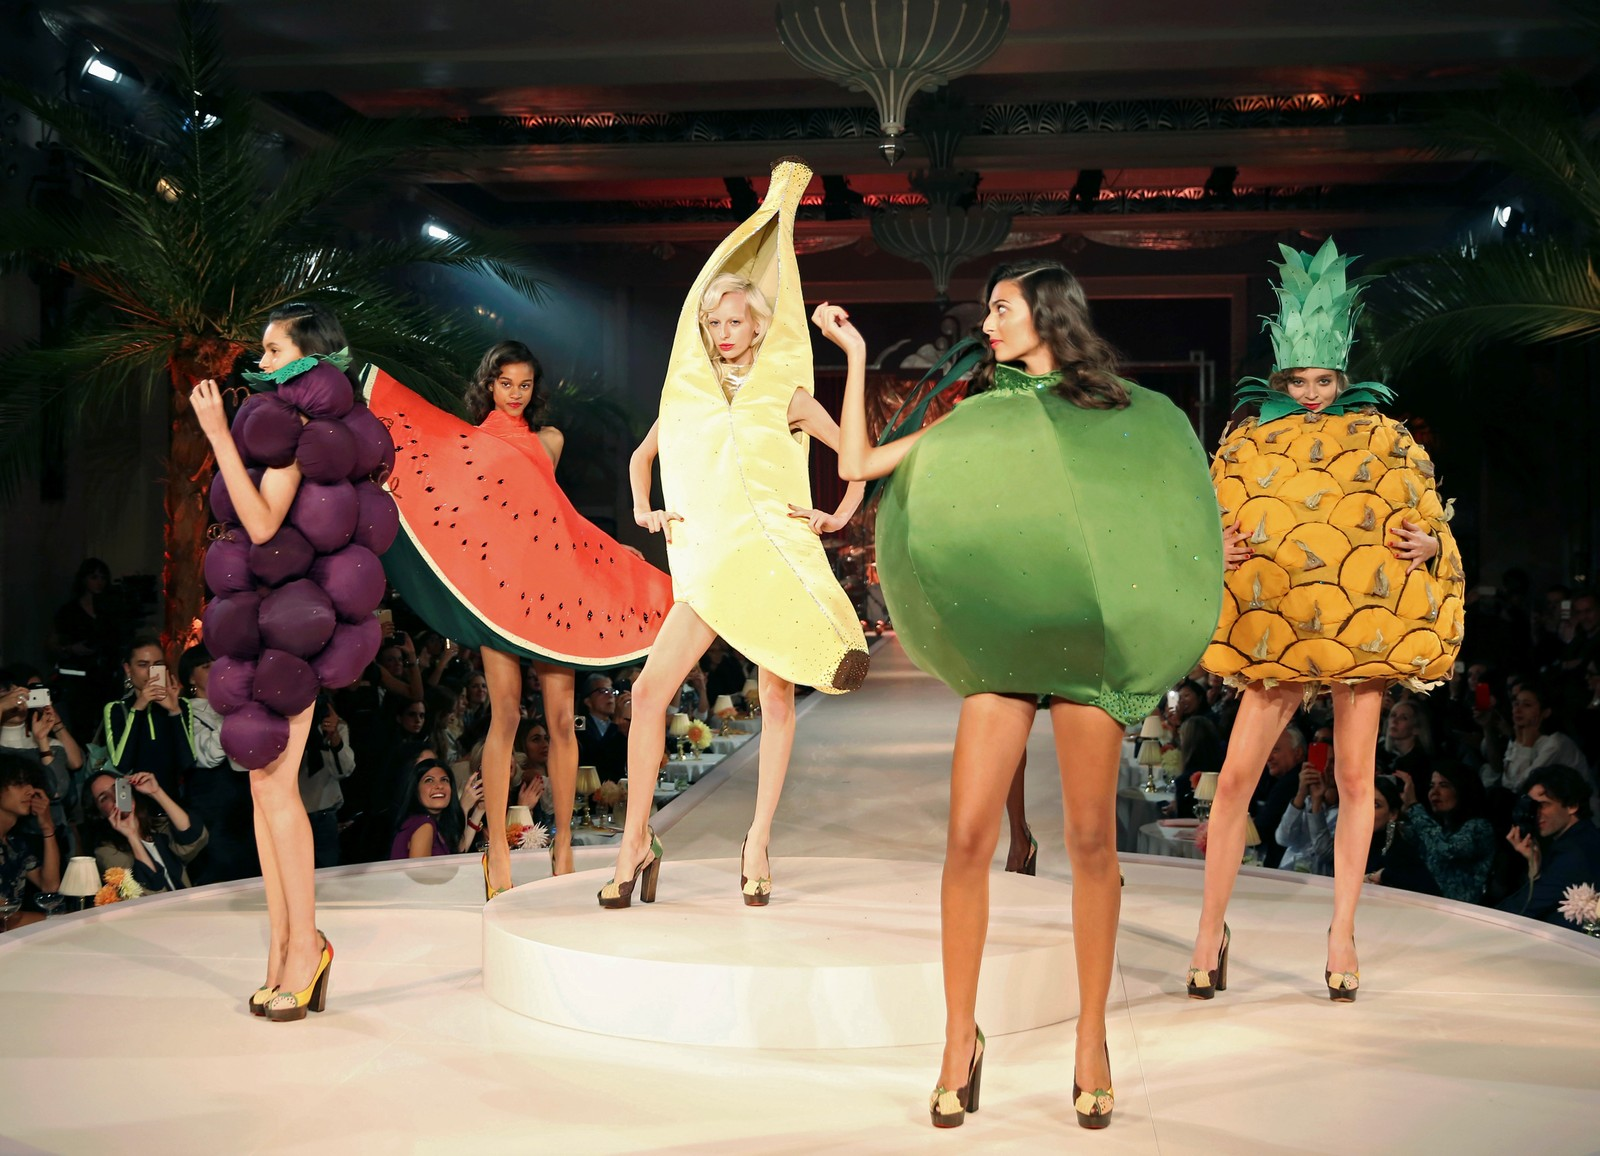 Modellene var kledd opp som frukt på catwalken under Charlotte Olympias visning av vår/sommer-kolleksjonen under London Fashion Week 18. september.